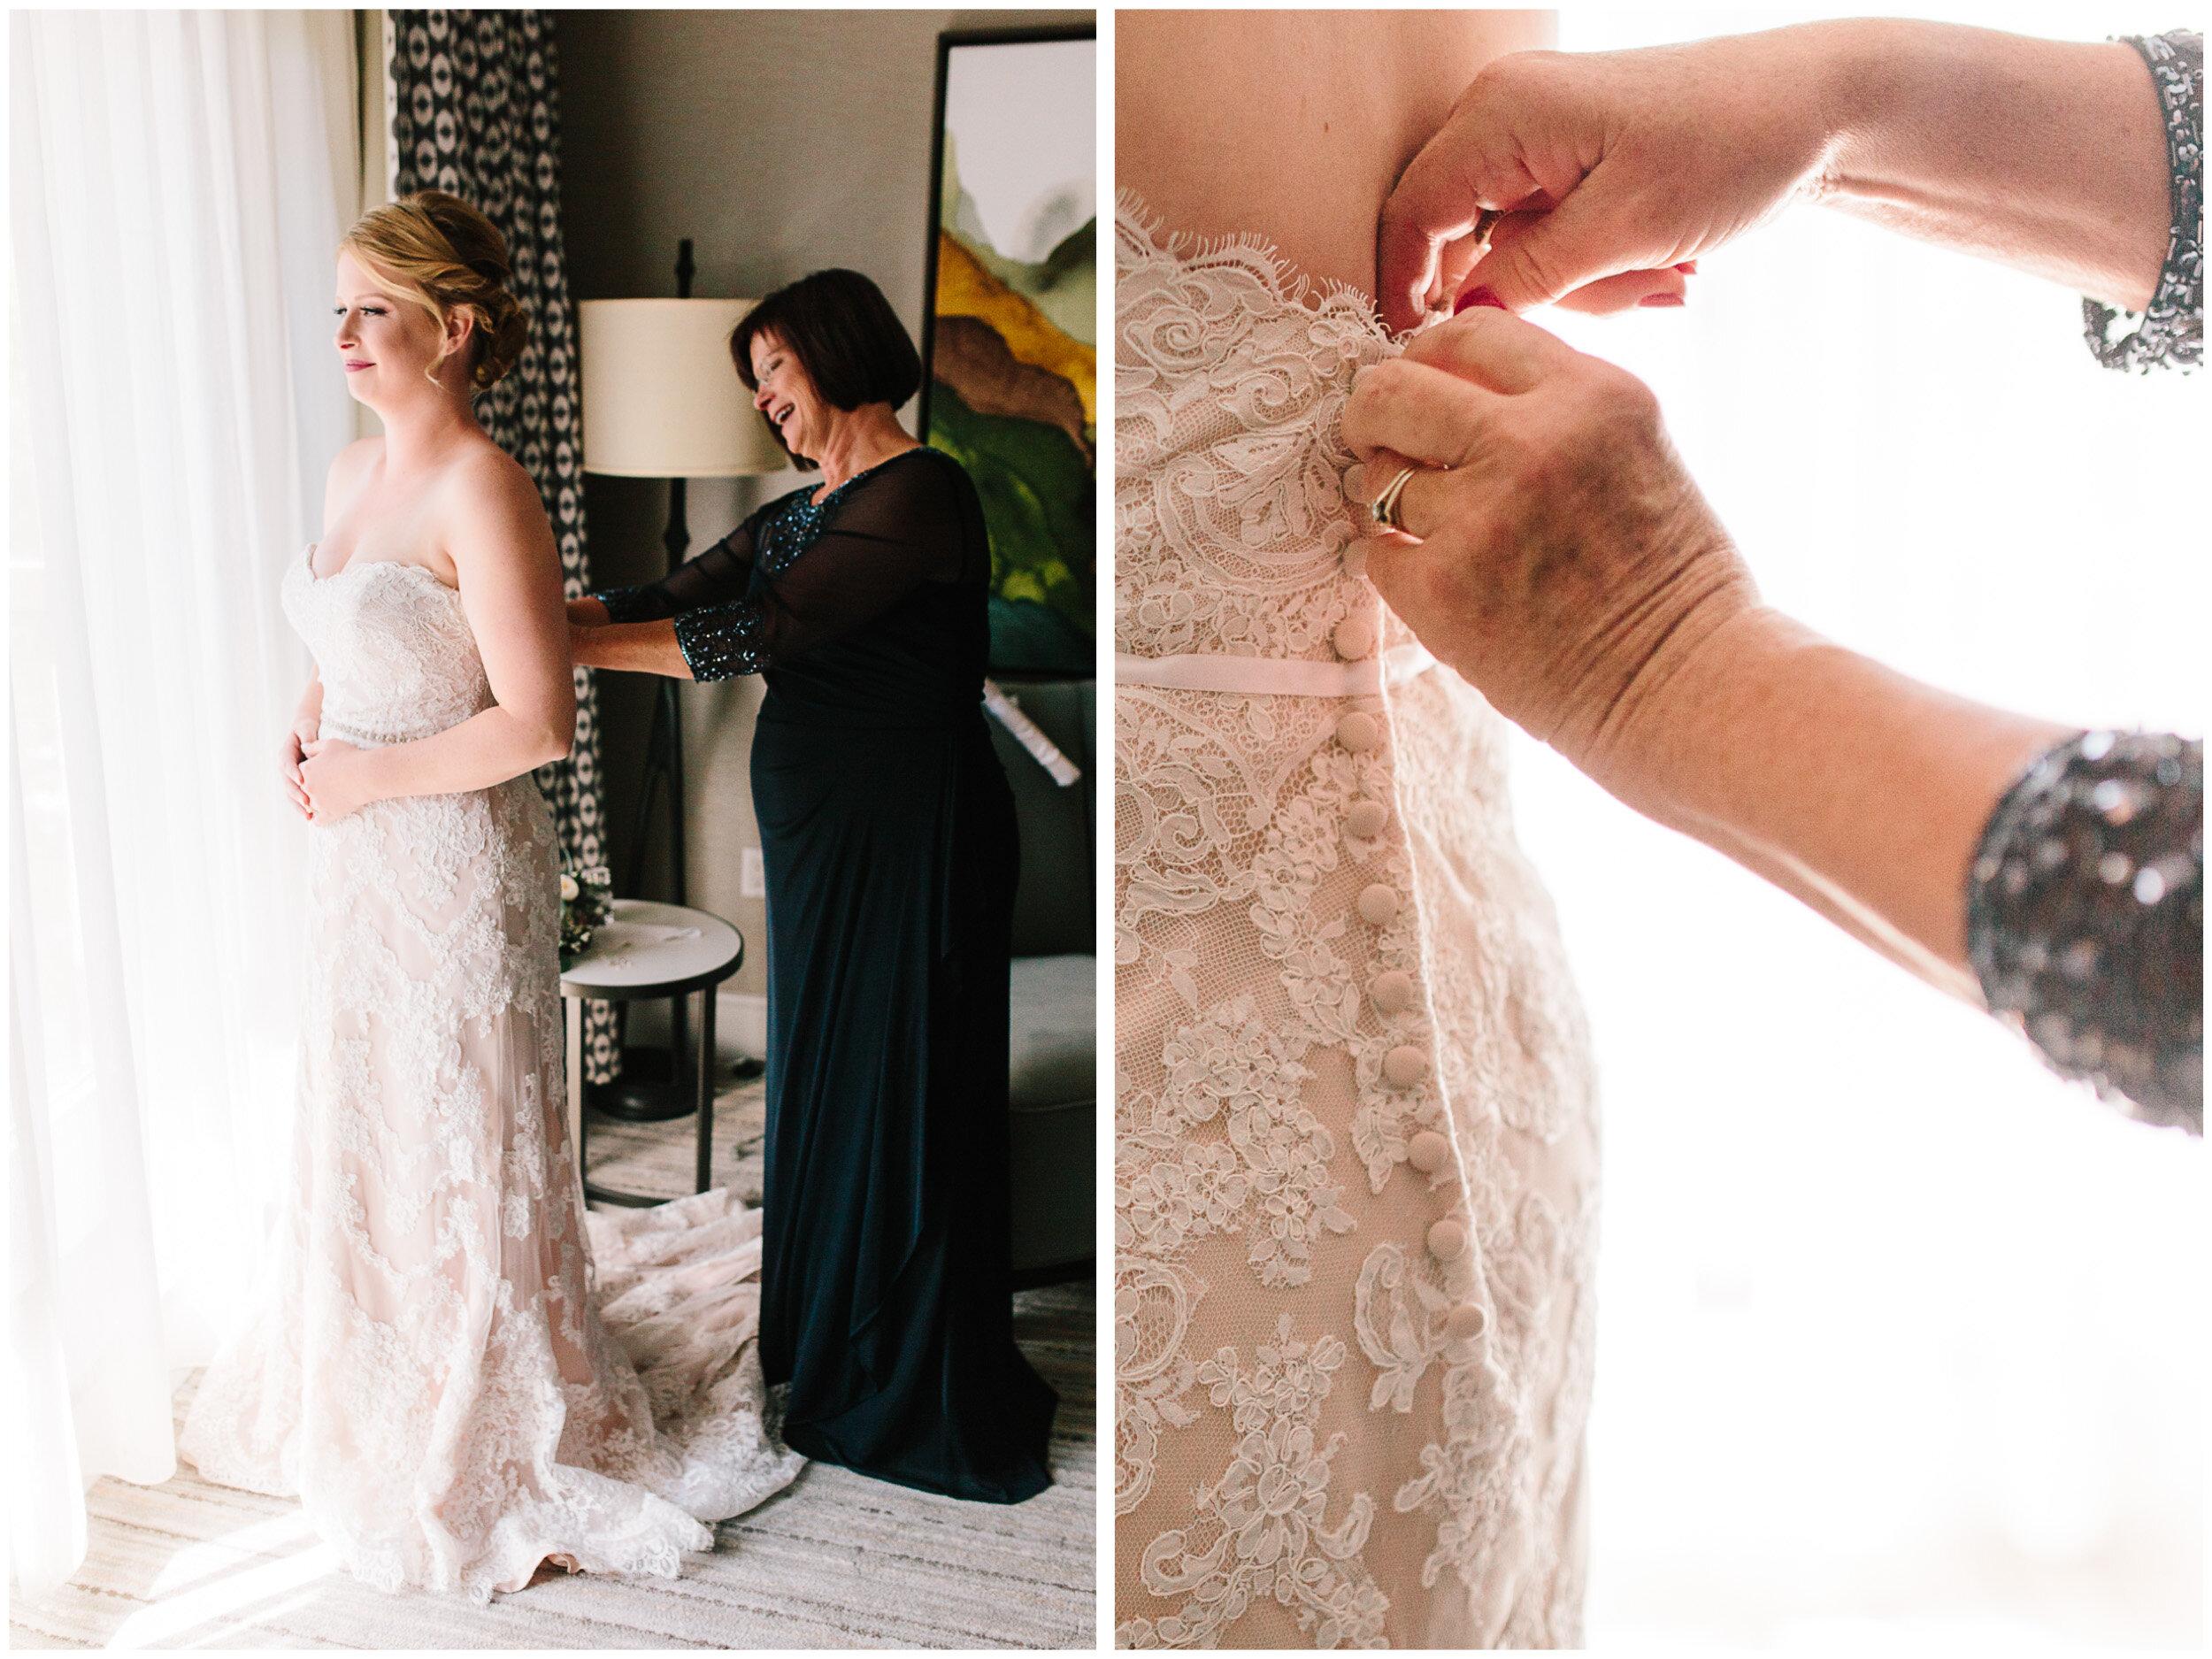 vail_wedding_13.jpg